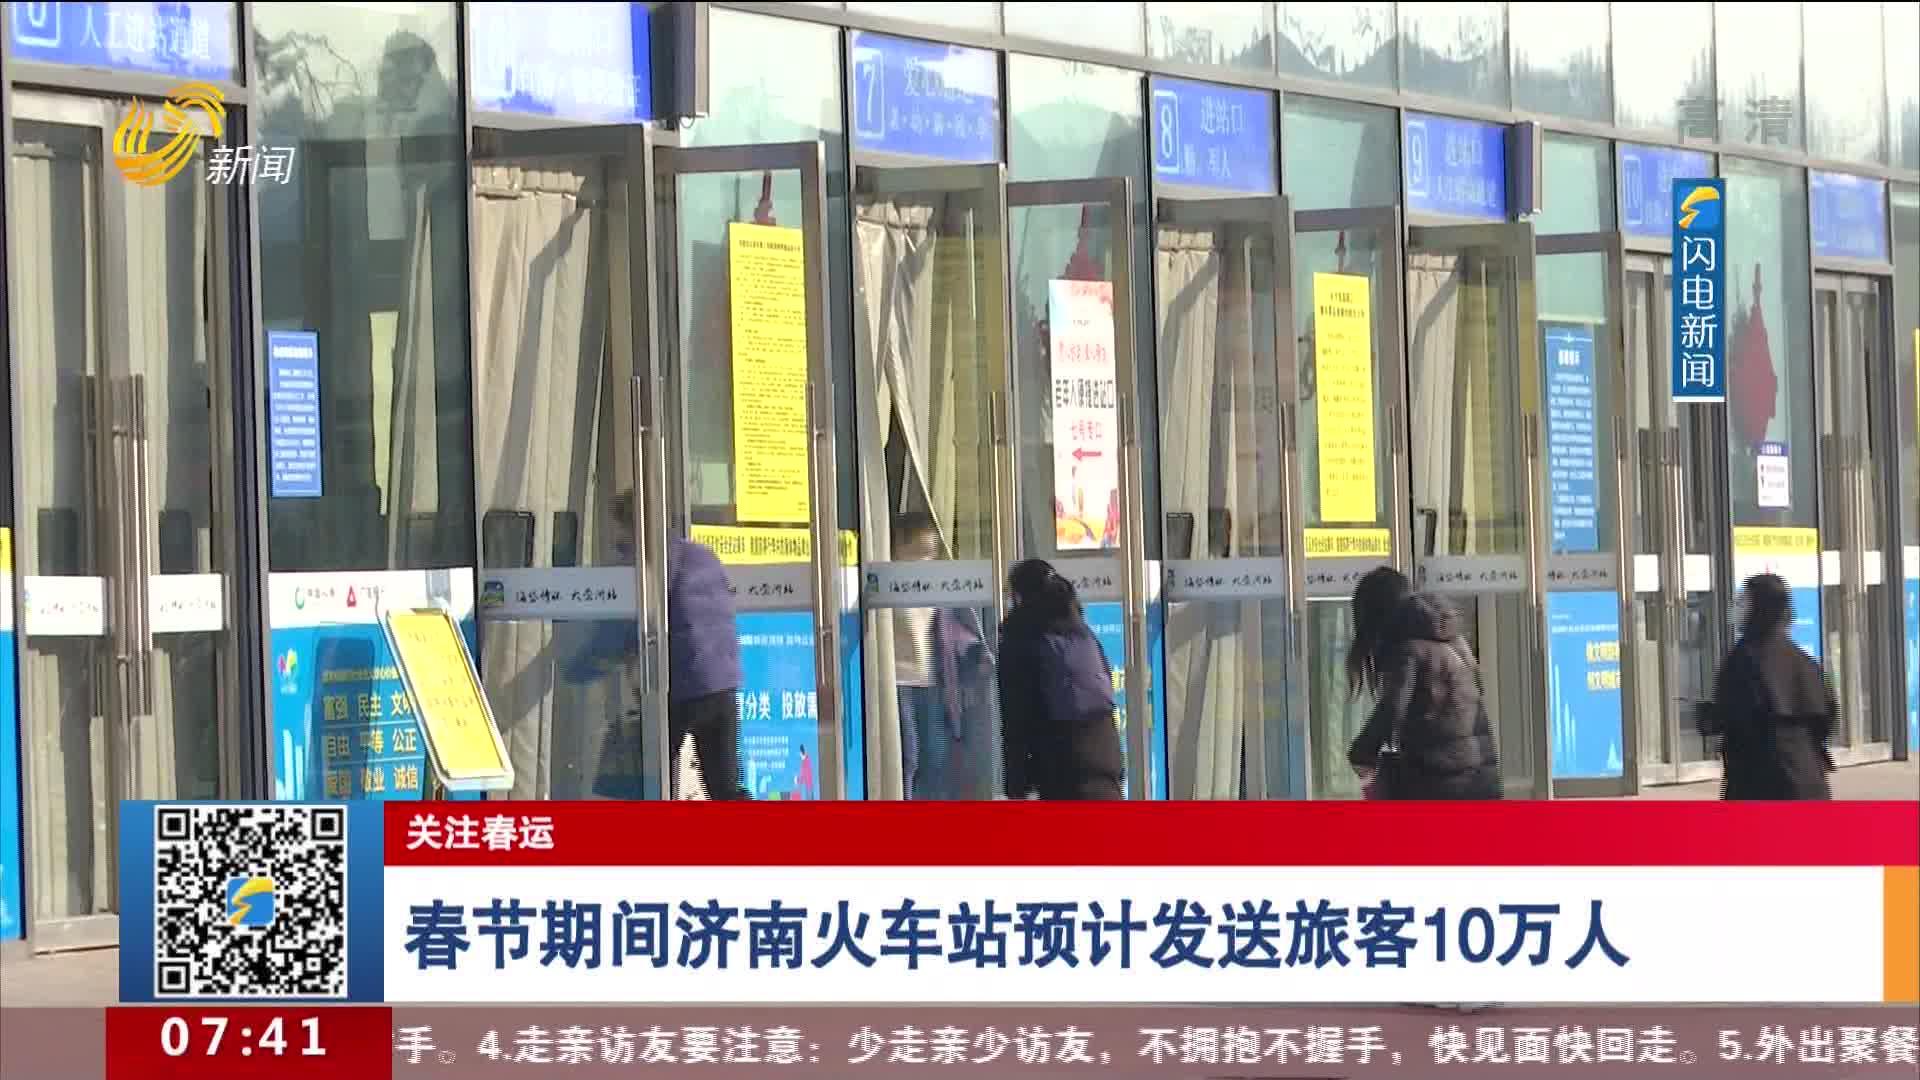 【关注春运】春节期间济南火车站预计发送旅客10万人